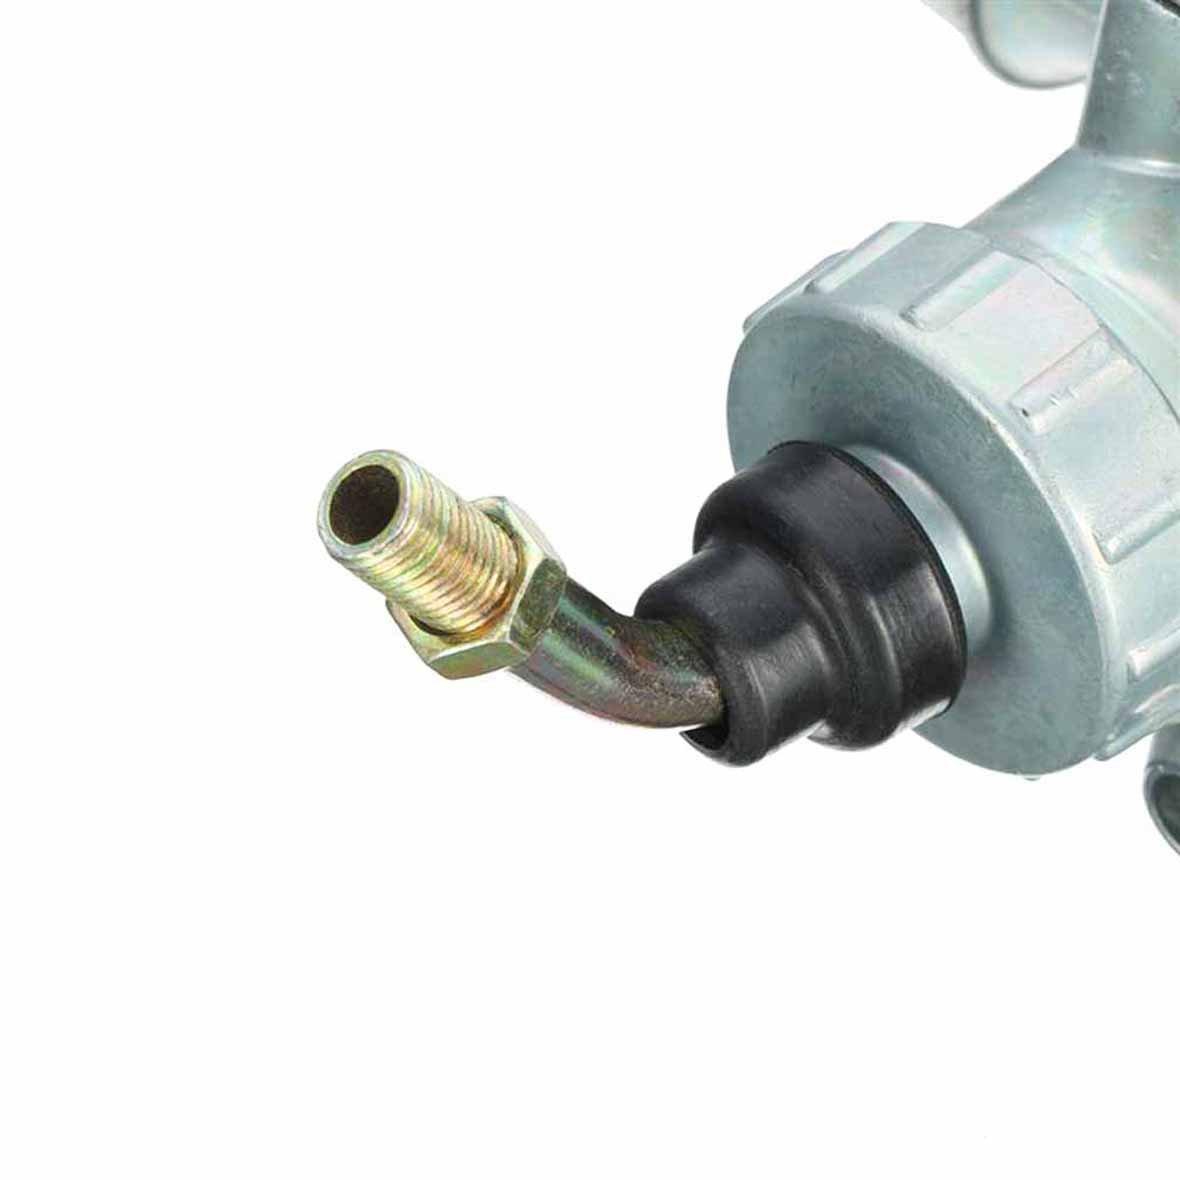 New TTR125 Carburetor for YAMAHA TTR 125 TTR-125 Carb Carborator 2000-2007 Yamaha TTR125L TTR125E TTR125LETTR125 by FYIYI (Image #4)